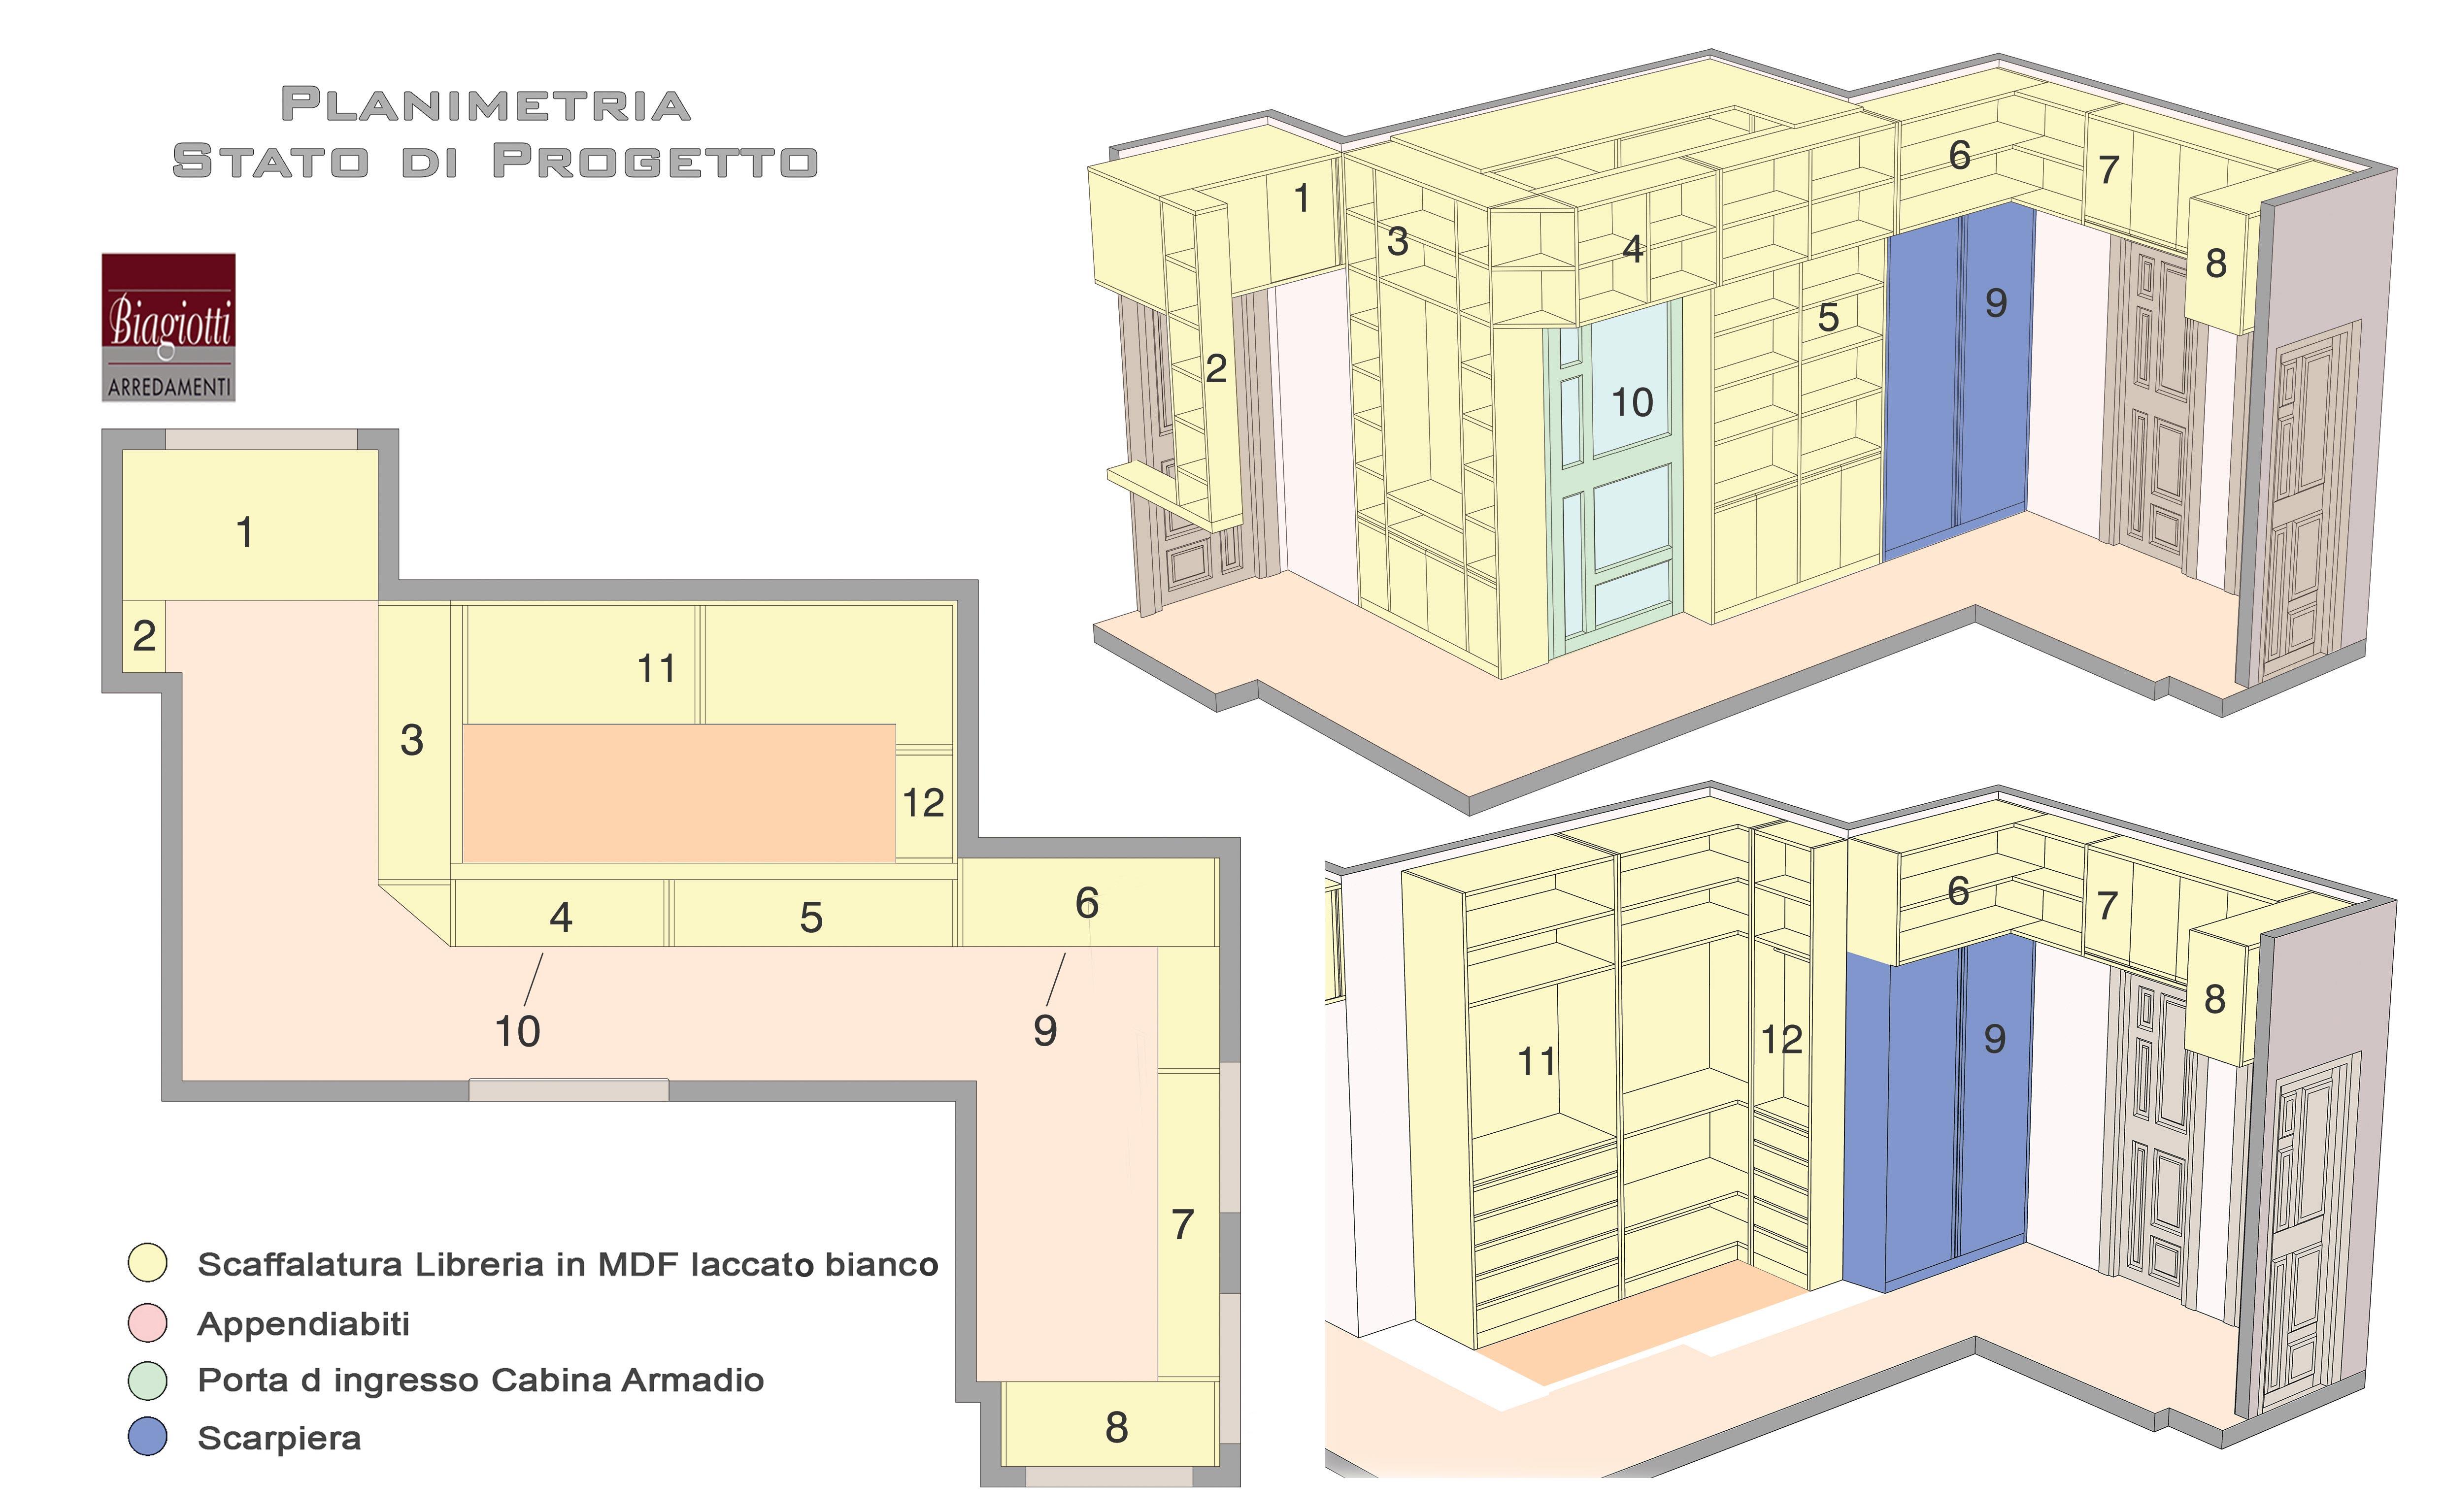 biagiotti_progetto_03